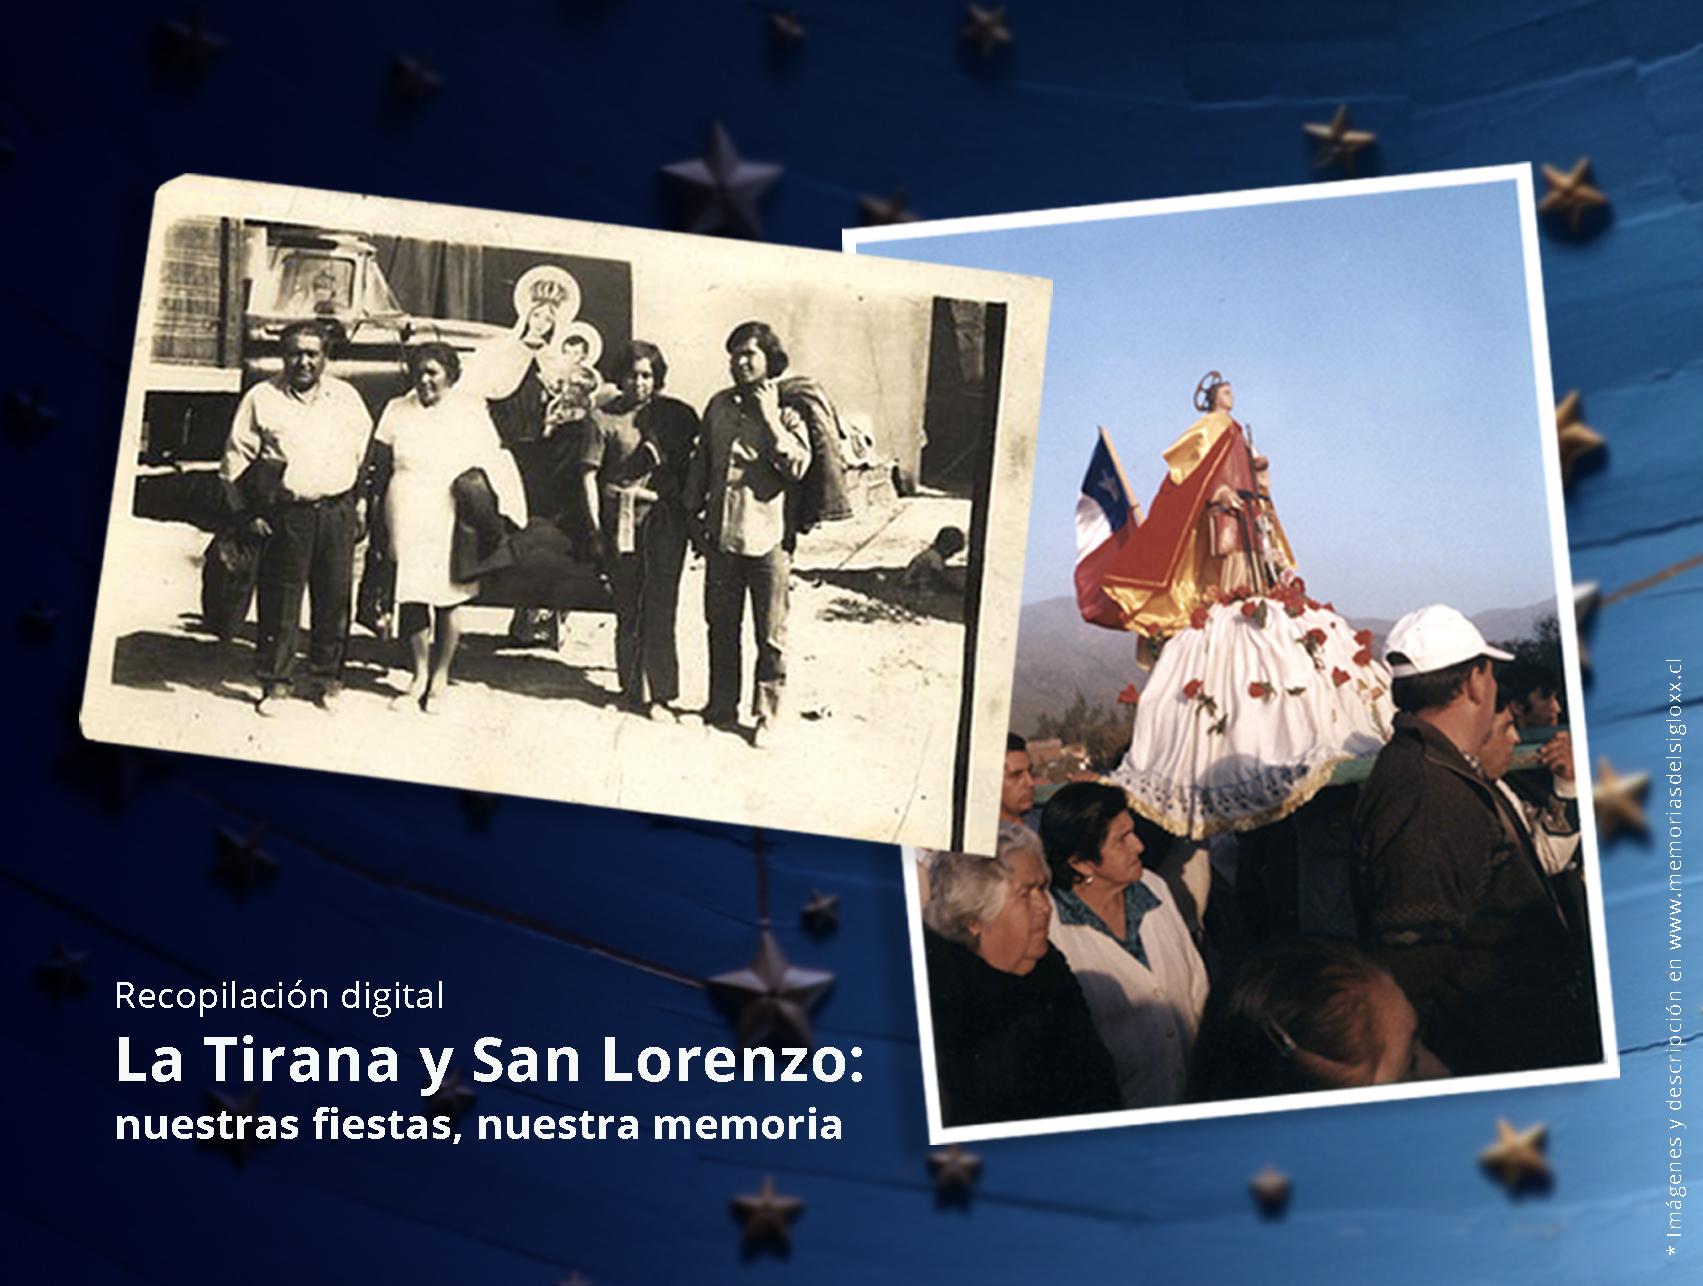 """Participa en el proceso de recopilación digital """"La Tirana y San Lorenzo: nuestras fiestas, nuestra memoria"""", convocatoria del Servicio Nacional del Patrimonio Cultural"""